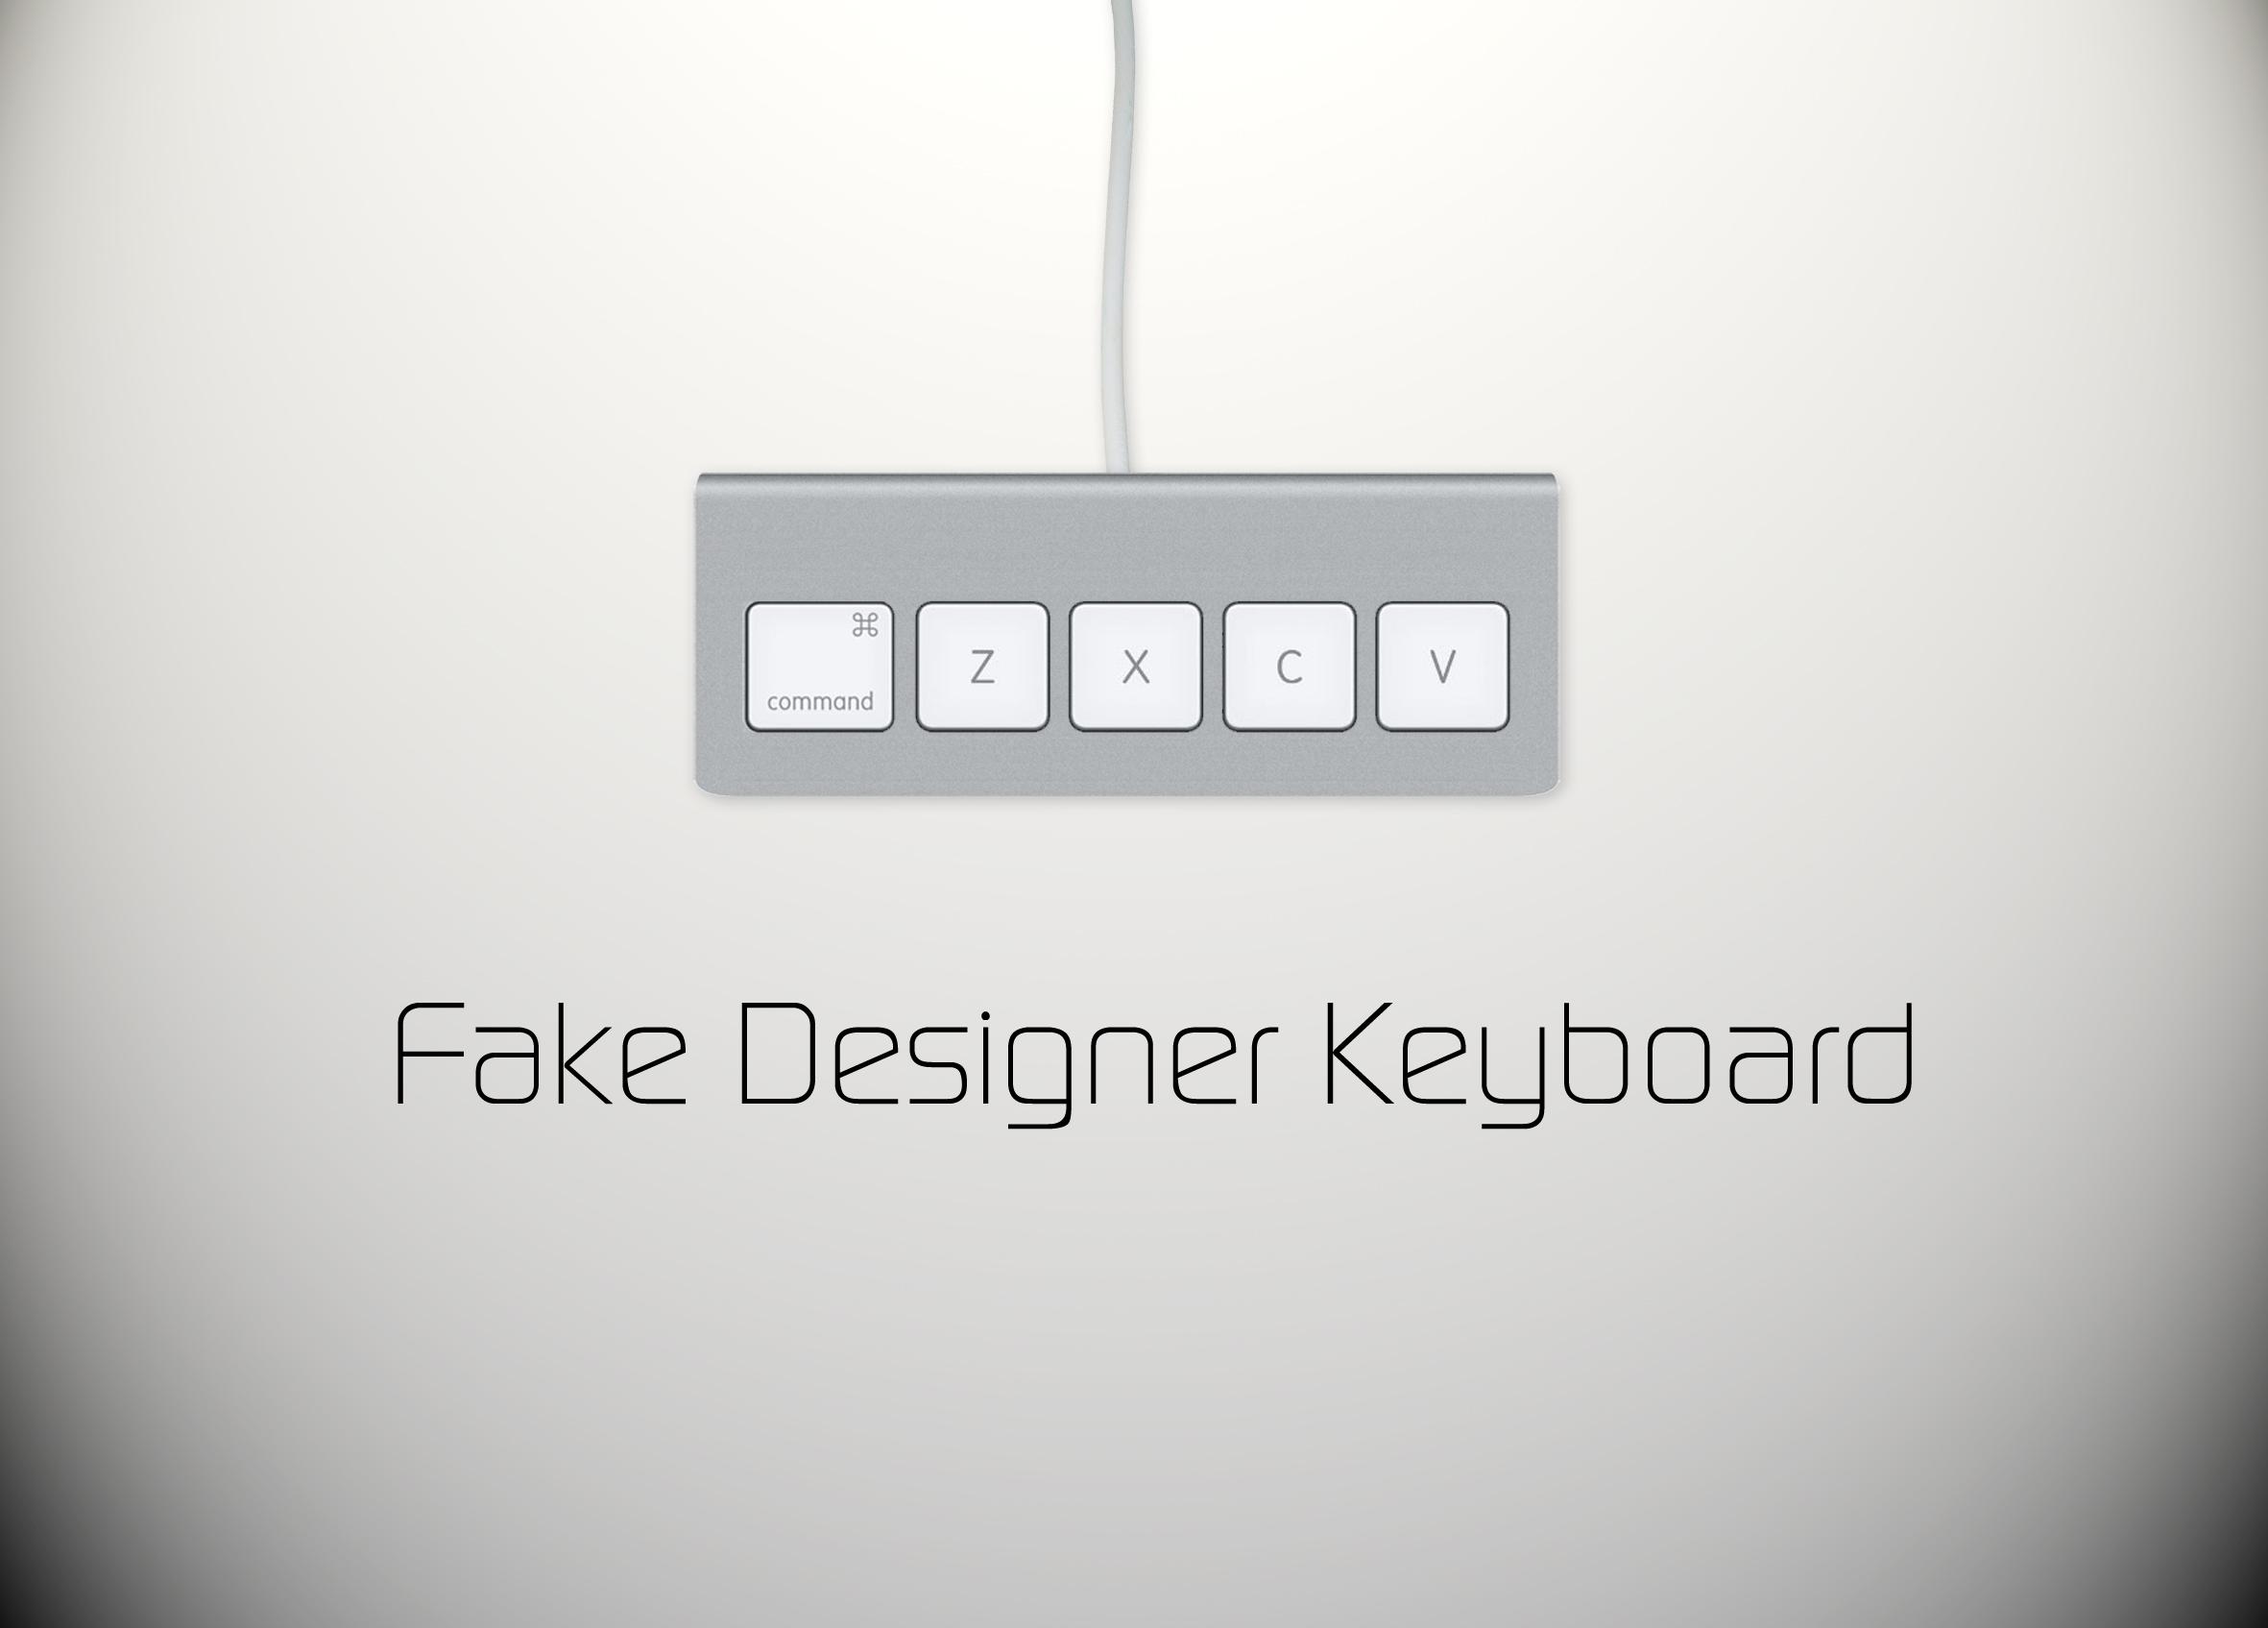 Fake Designer Keyboard by tomjoke